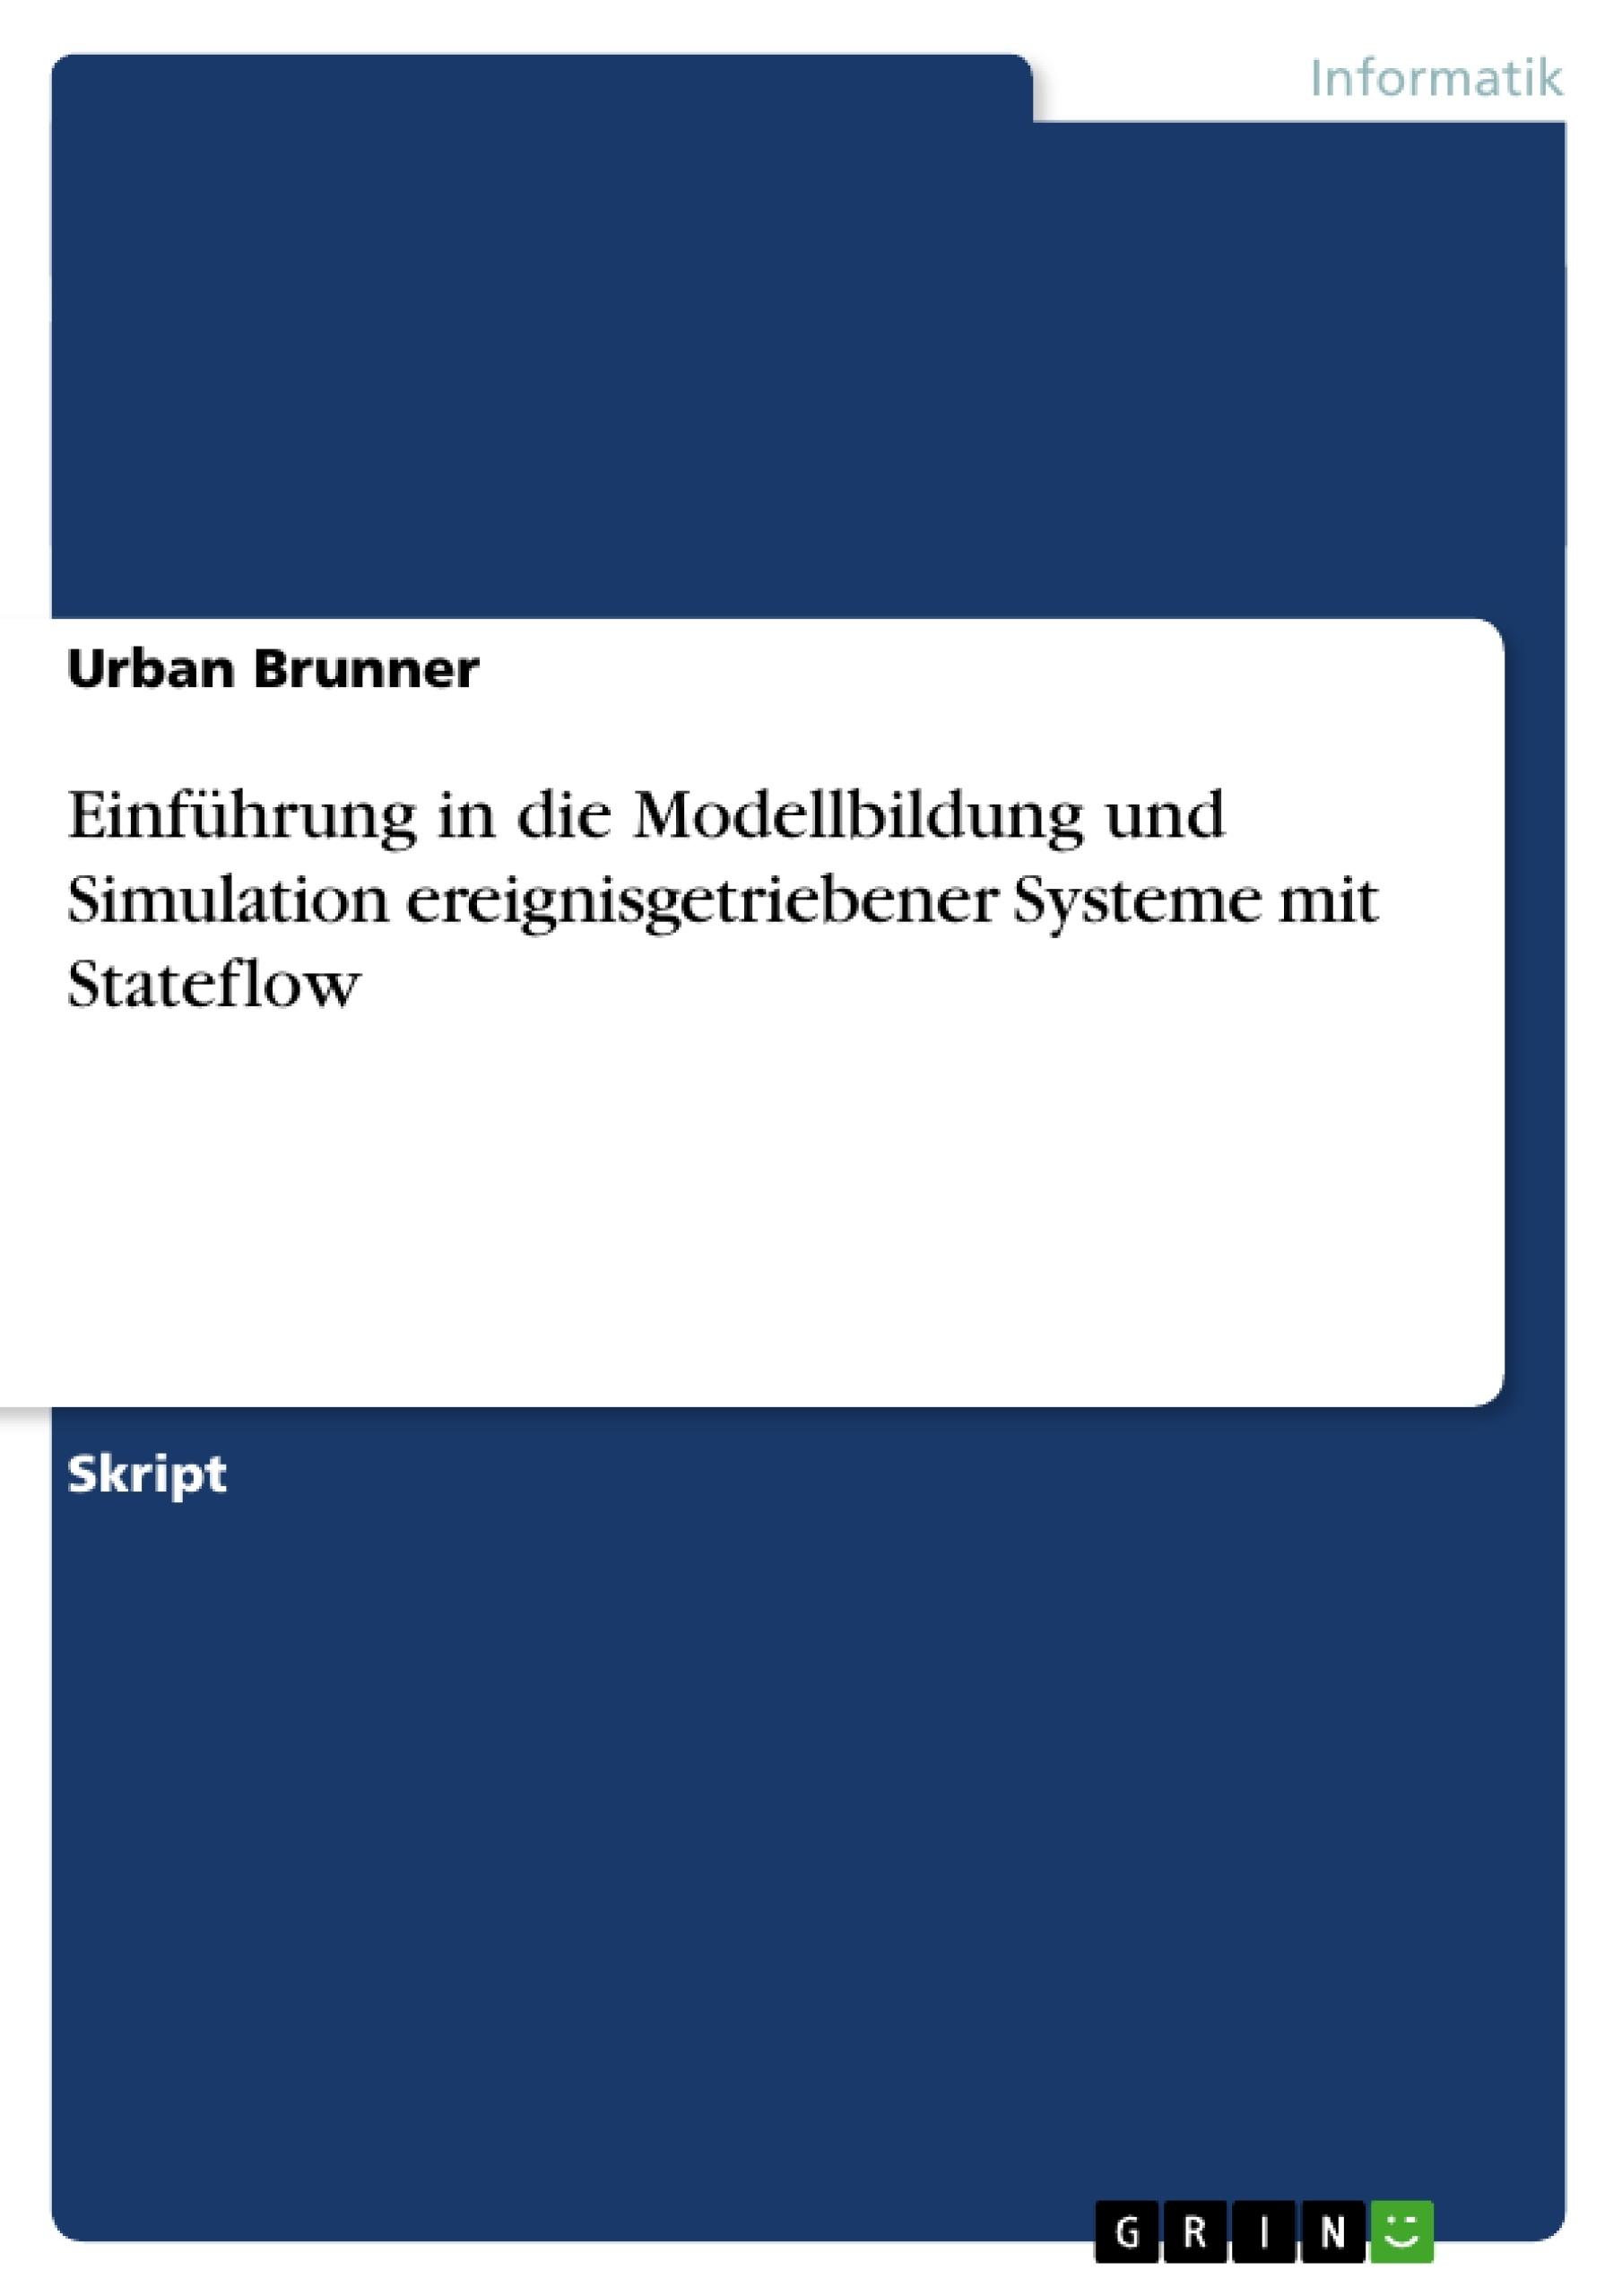 Titel: Einführung in die Modellbildung und Simulation ereignisgetriebener Systeme mit Stateflow